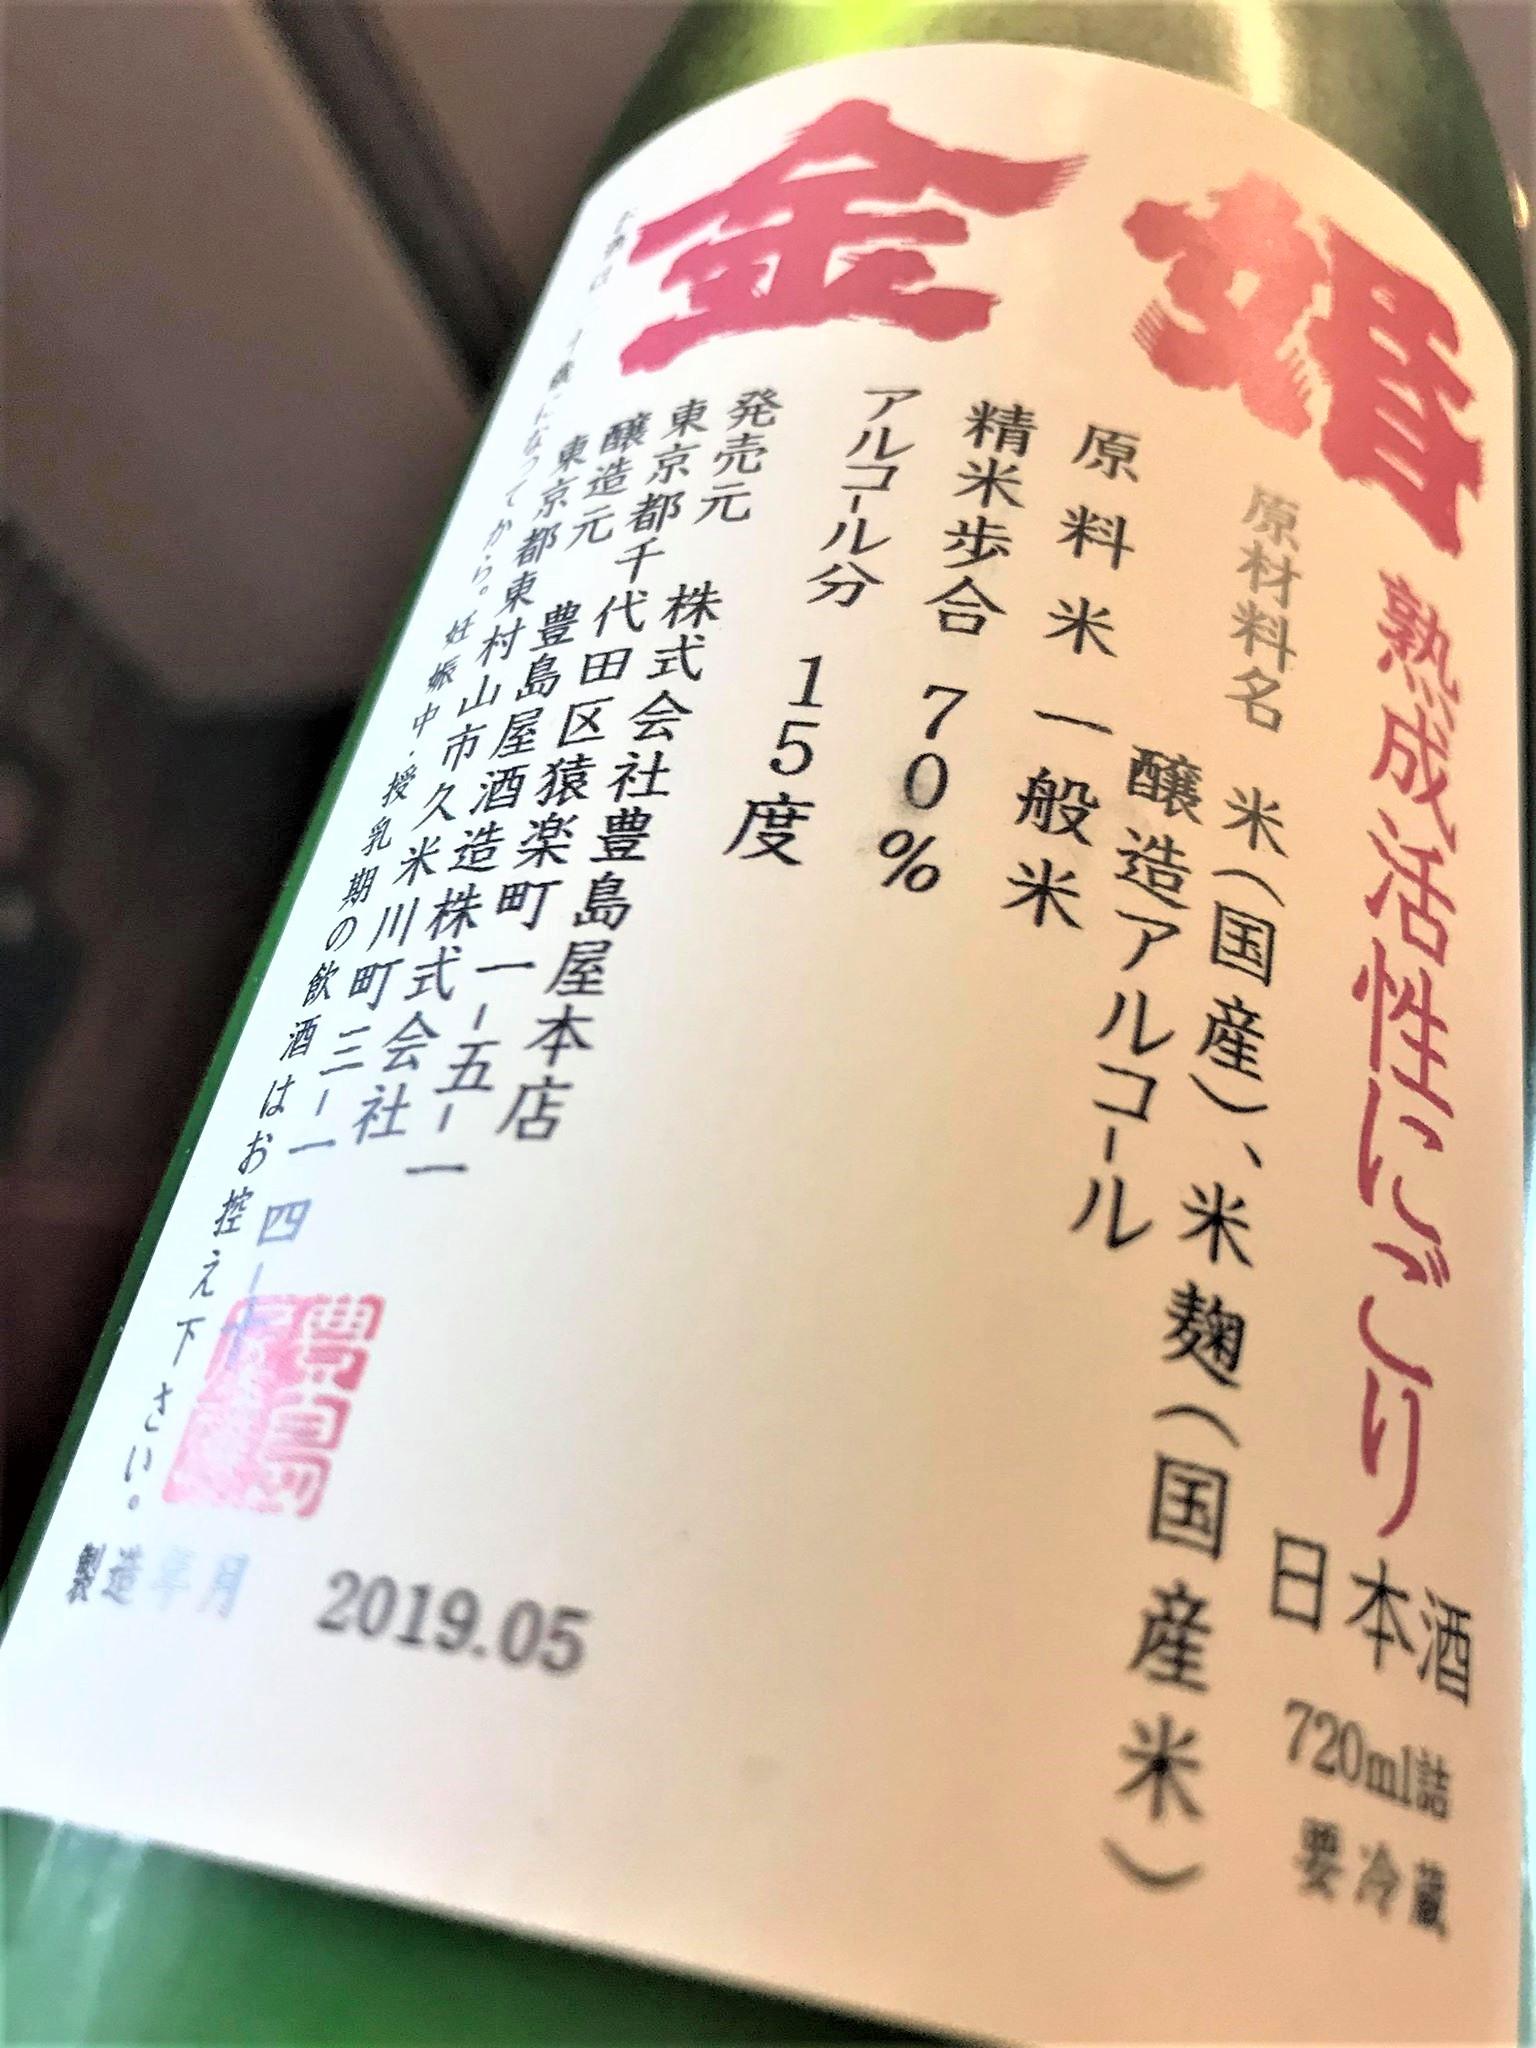 【日本酒】金婚 番外編 低温熟成活性にごり本生 蔵元スペシャルver 限定 30BY🆕_e0173738_13262999.jpg